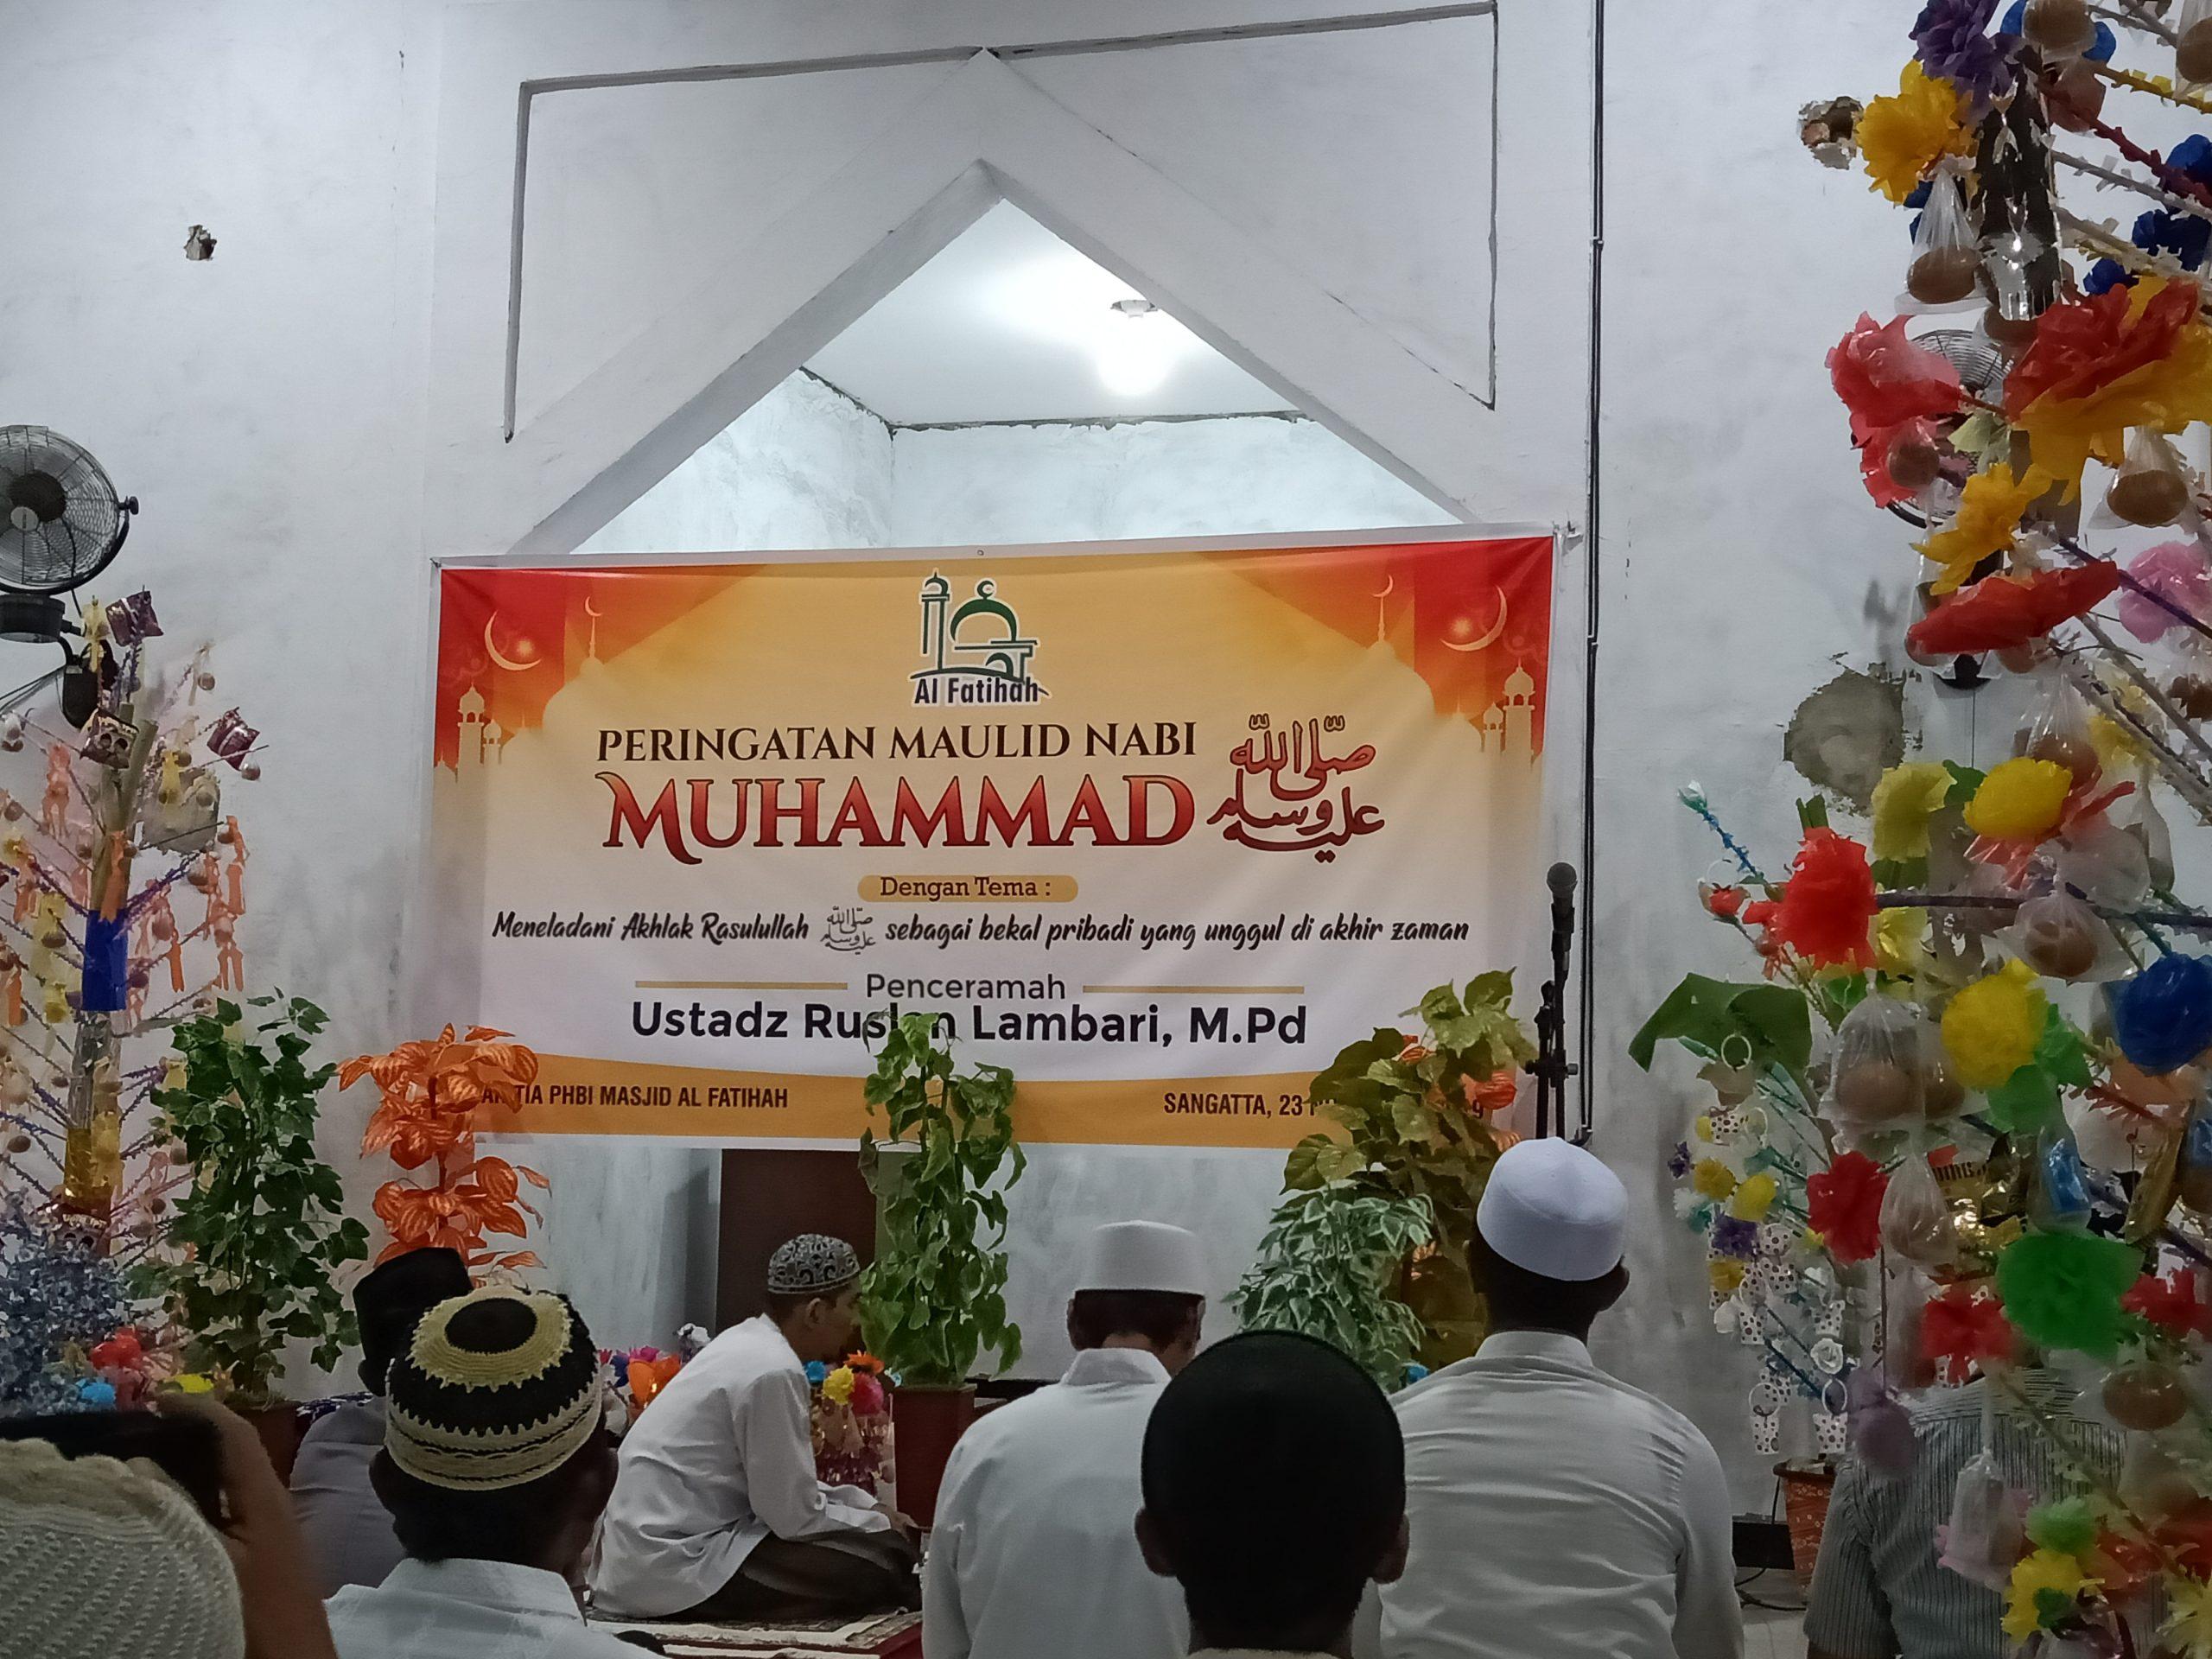 Contoh Susunan Acara Maulid Nabi di Masjid